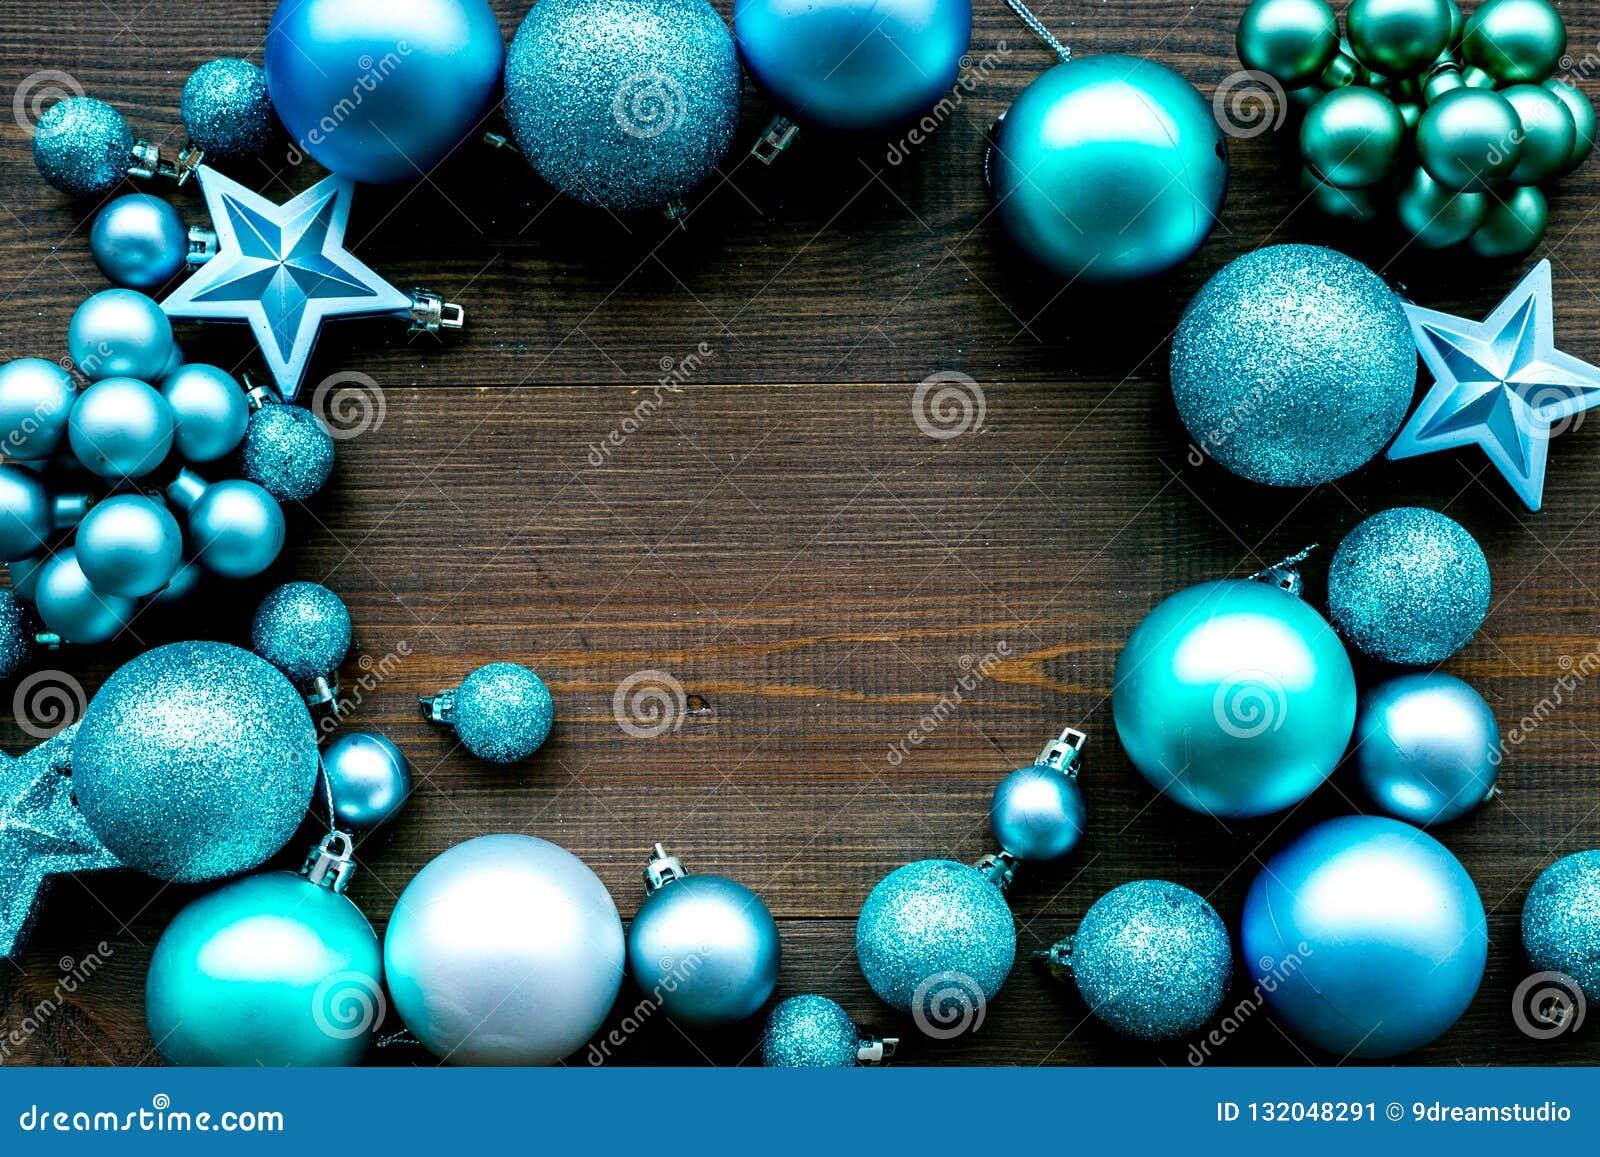 νέο έτος Χριστουγέννων ατμό Διακοσμήστε το εορταστικό χριστουγεννιάτικο δέντρο Διακόσμηση χριστουγεννιάτικων δέντρων Ζωηρόχρωμα σ